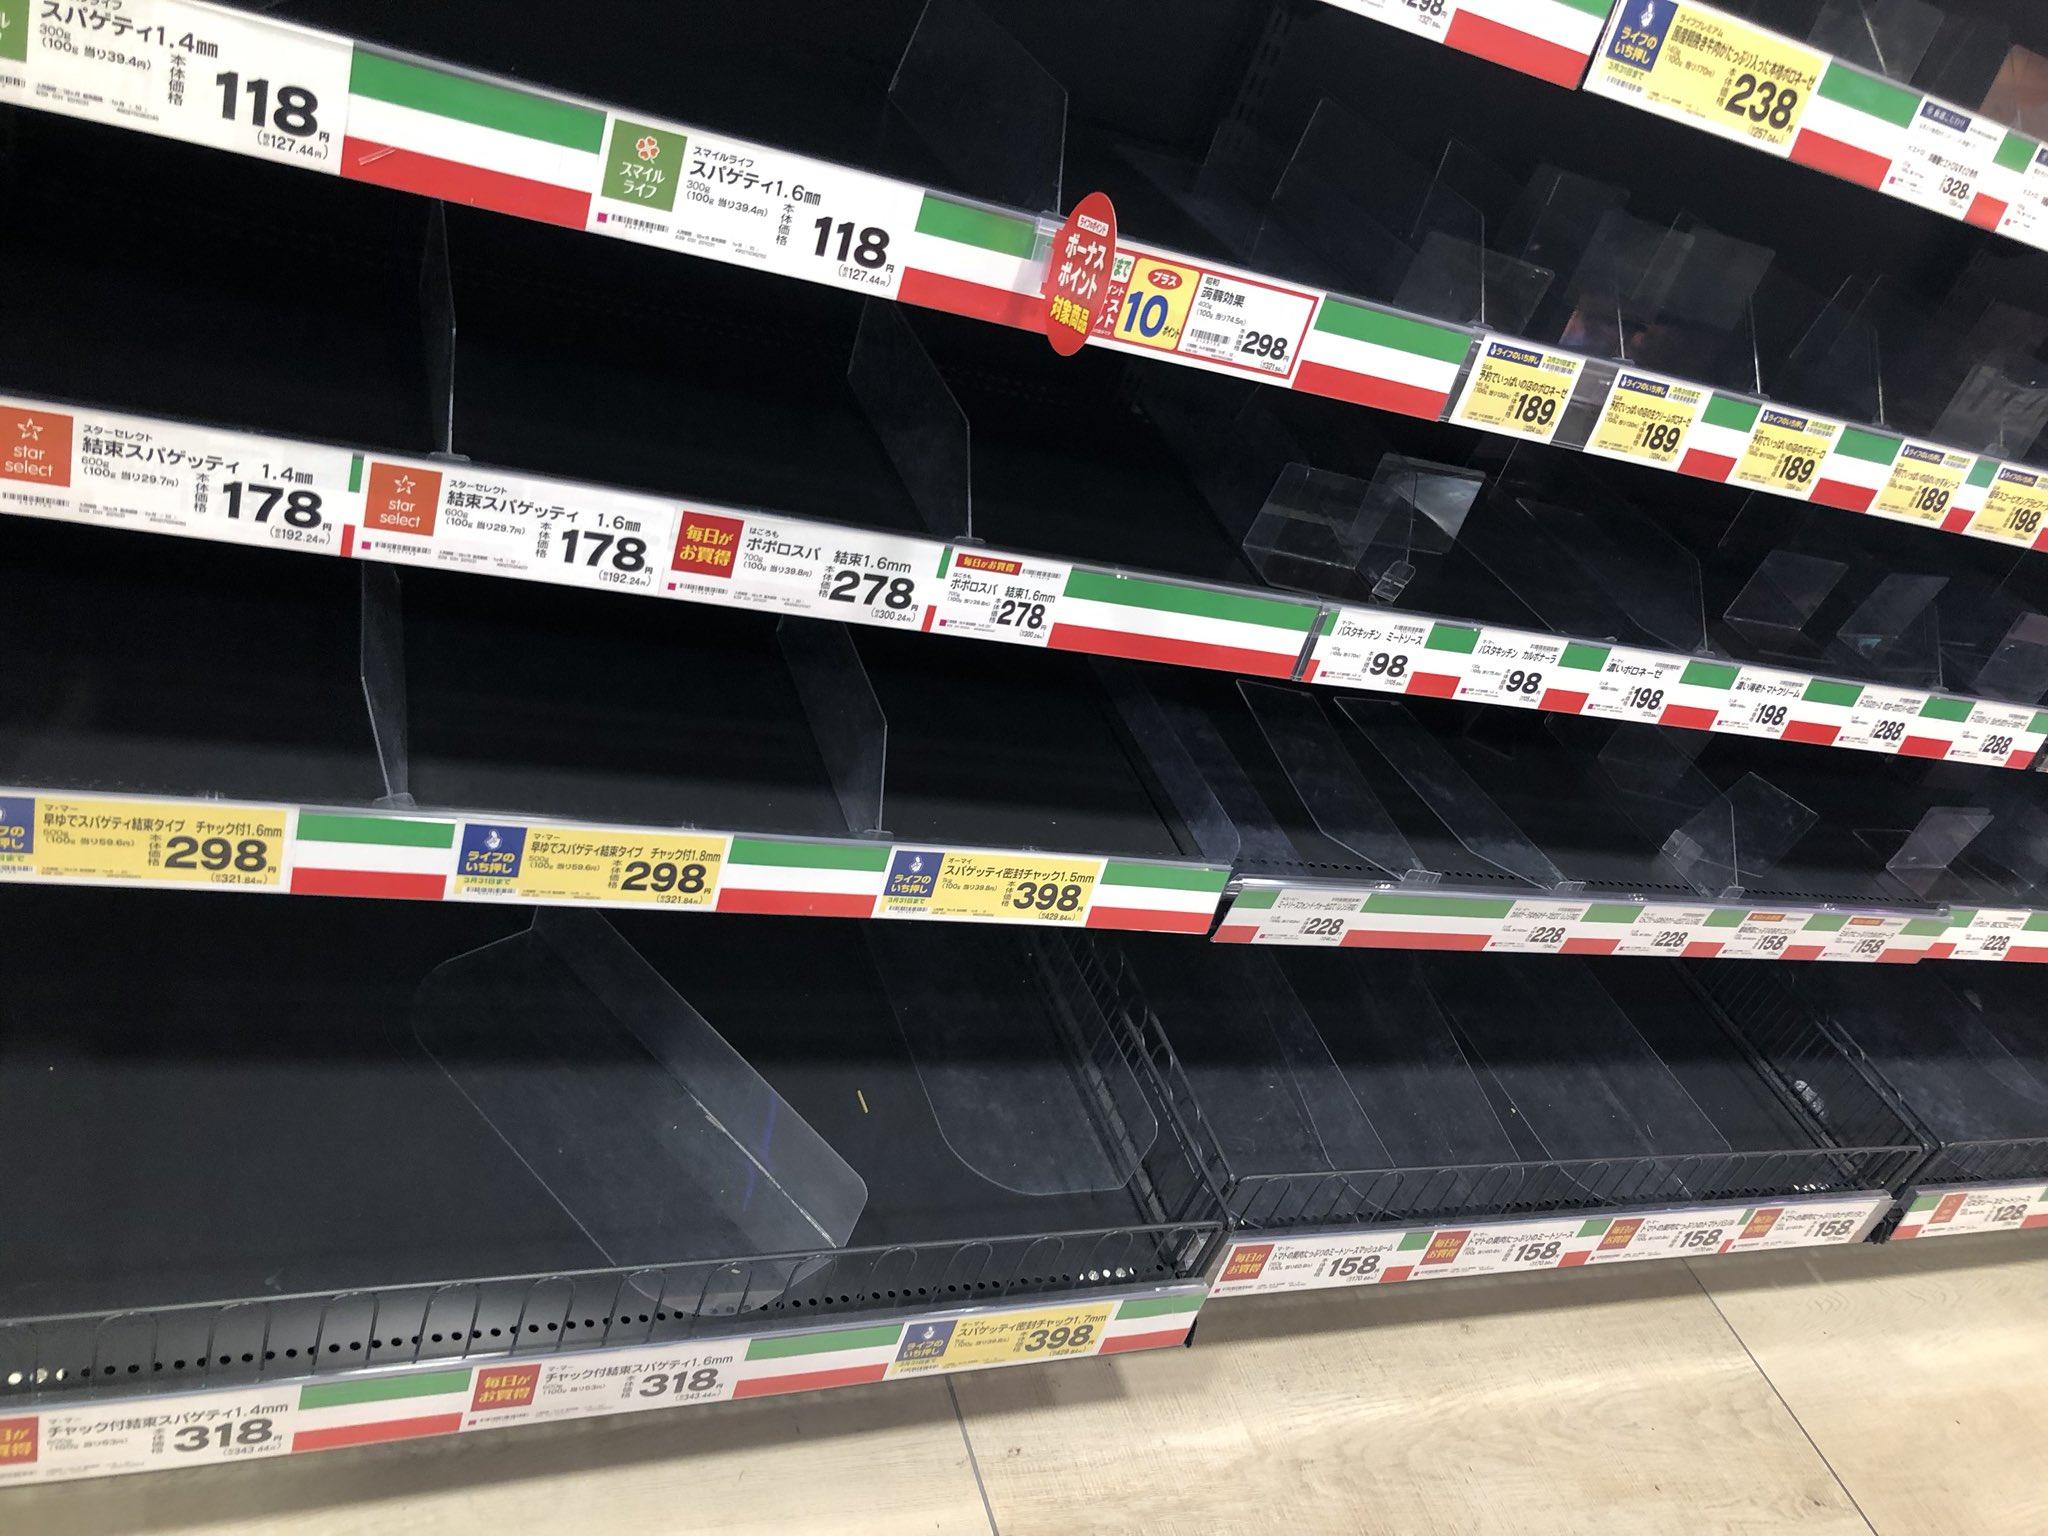 外出自粛要請でスーパーの商品が買い占められている画像